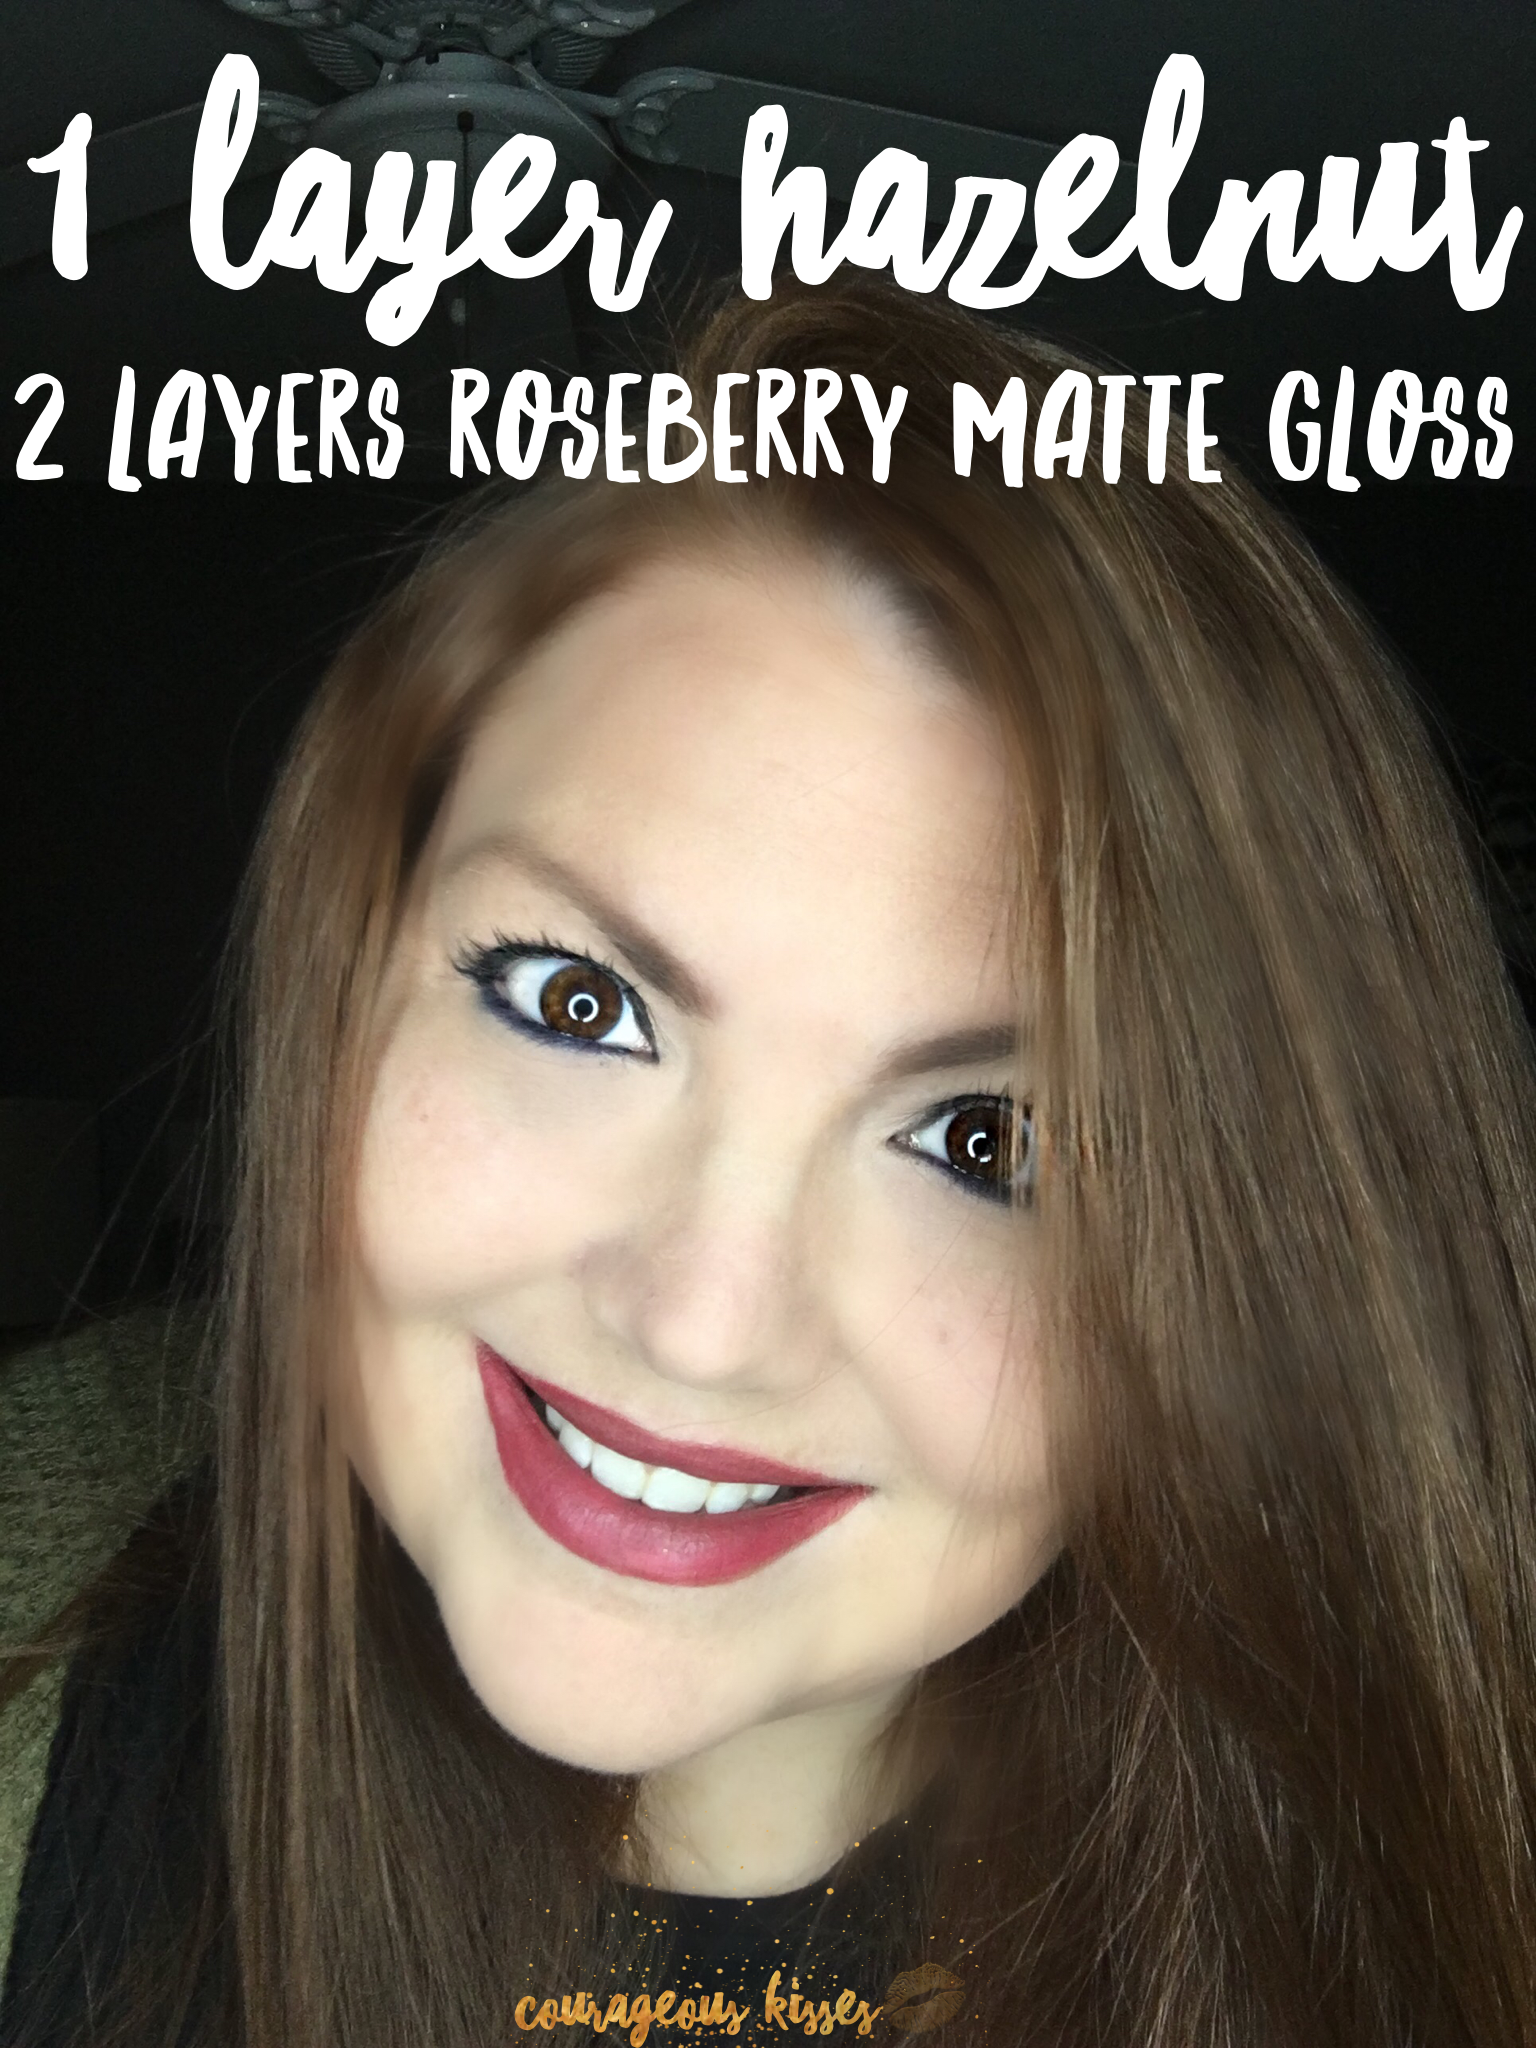 Lipsense Makeup: 1 Hazelnut 2 Roseberry Matte Gloss LipSense Www